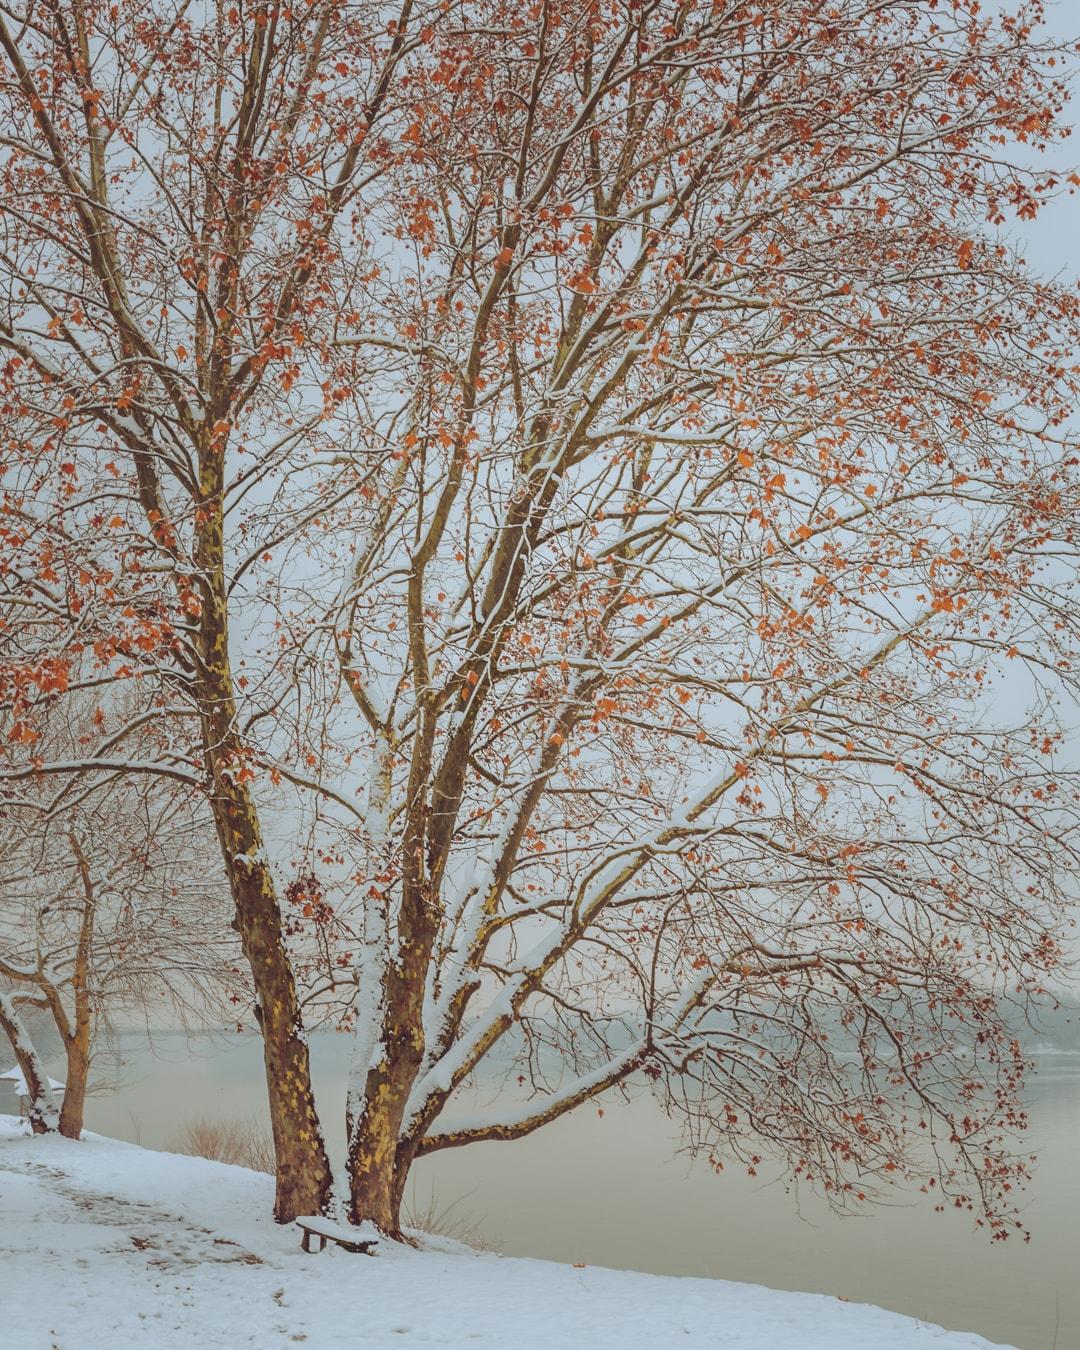 Struktur, Kälte, Schnee, Flussufer, gefroren, Winter, Bäume, Ast, Landschaft, Wald